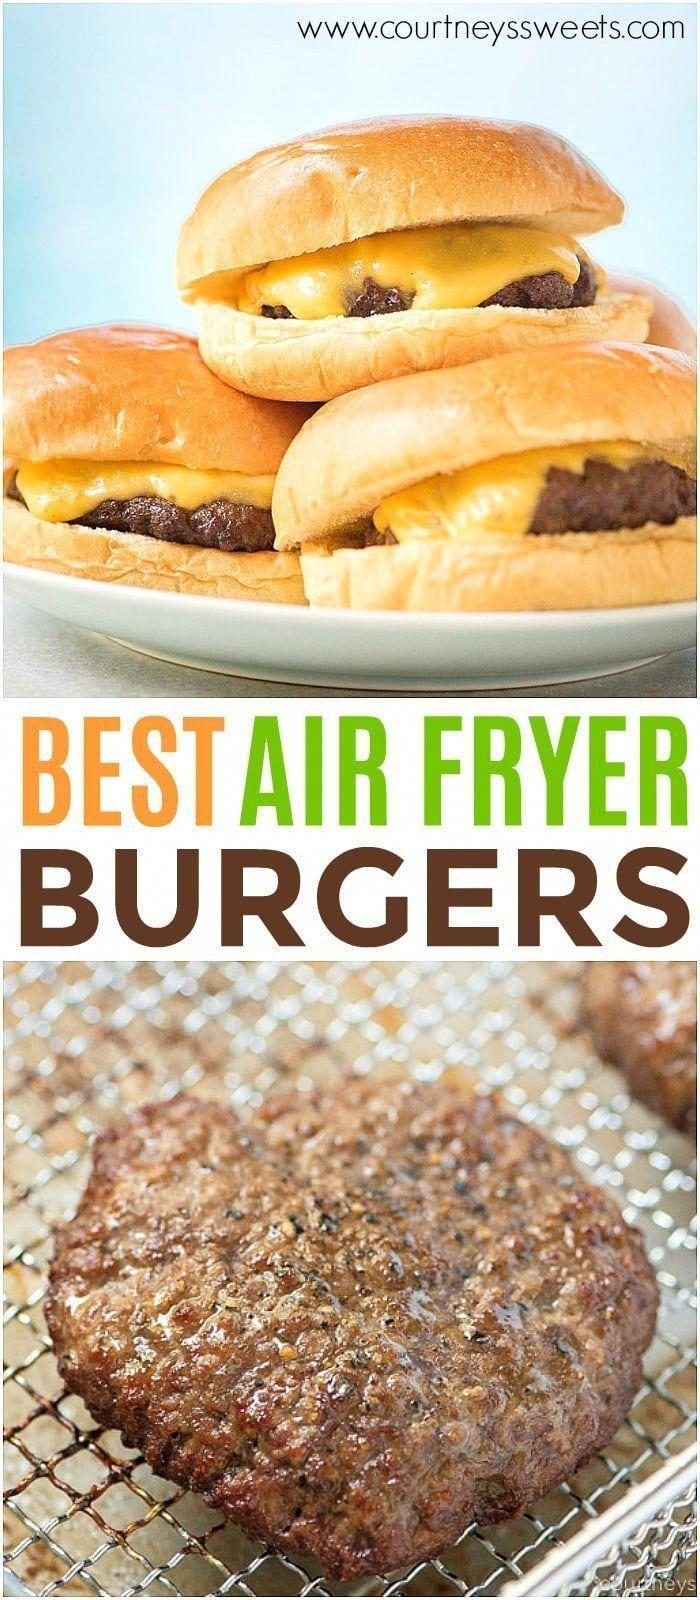 air fryer burgers recipe air fryer recipes burgers